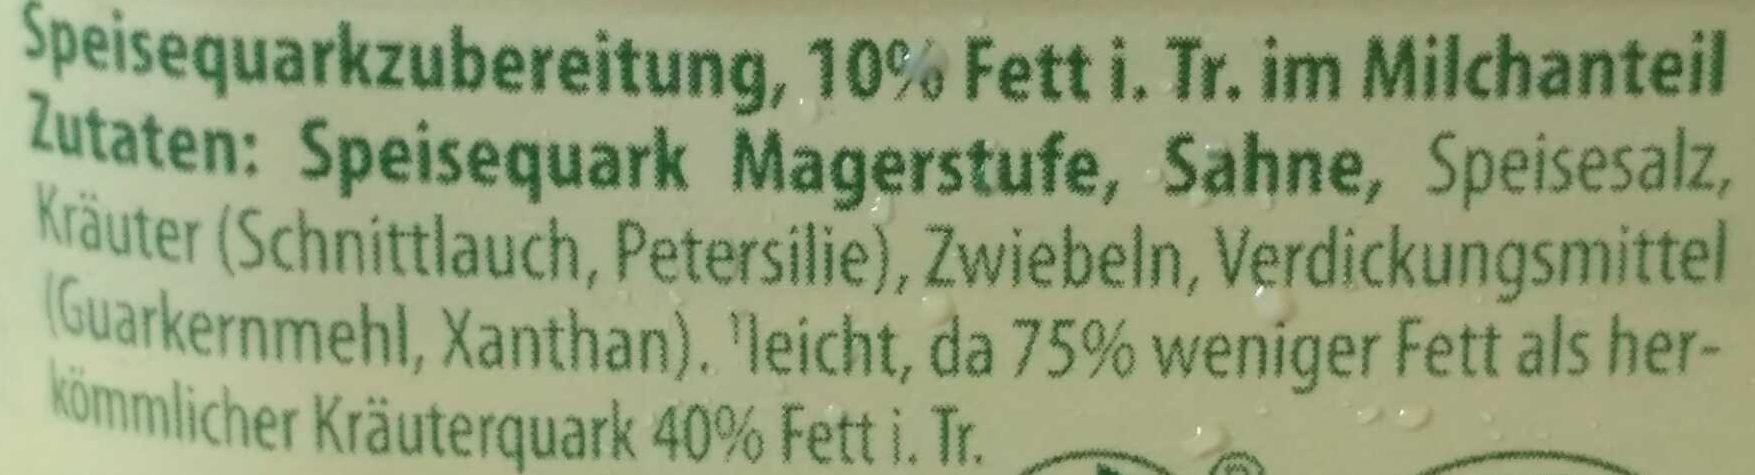 KräuterQuark cremig leicht - Ingredients - de